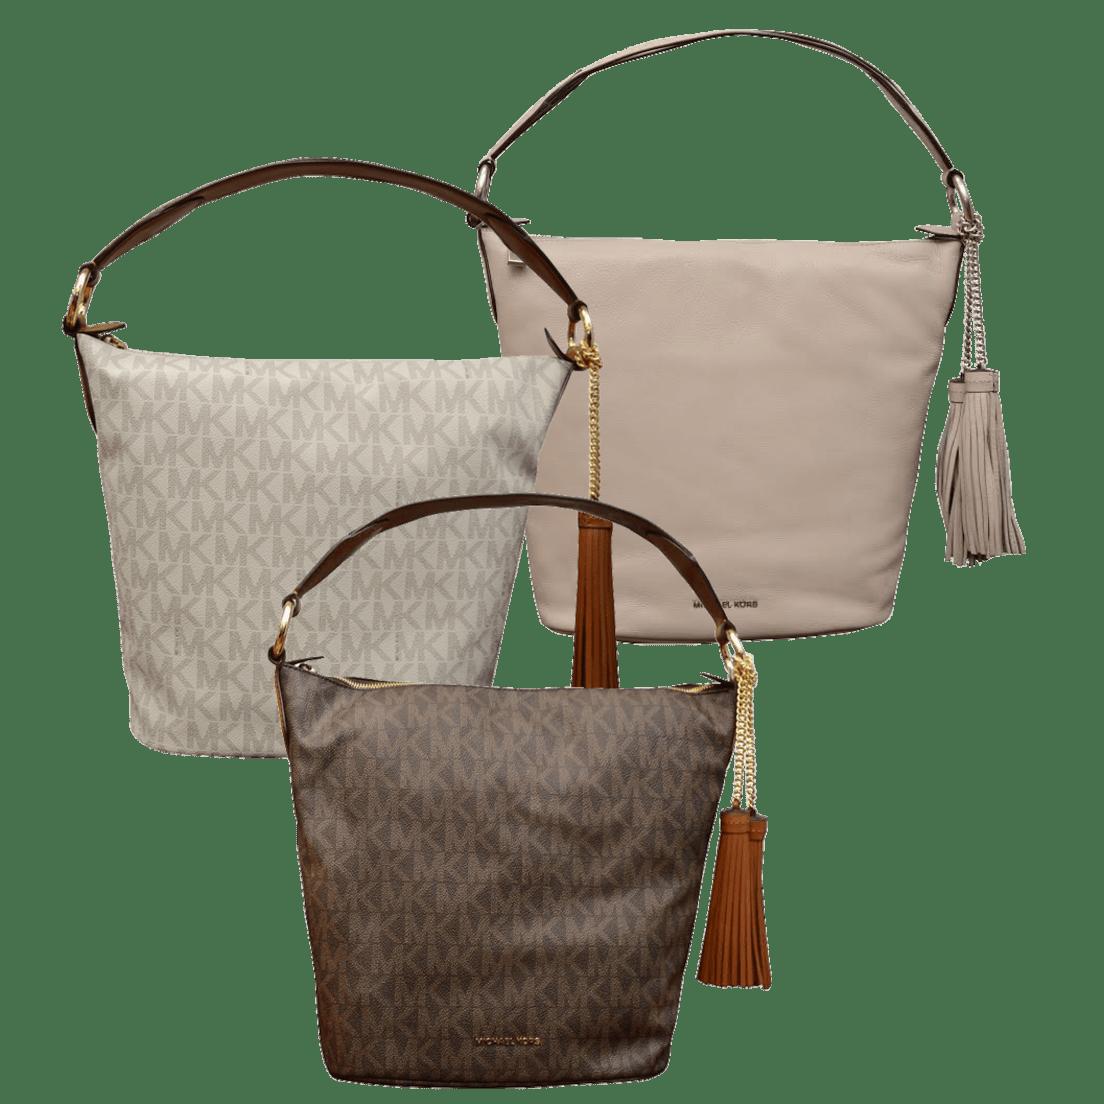 06af63f09dca Michael Kors Elana Large Convertible Shoulder Bag